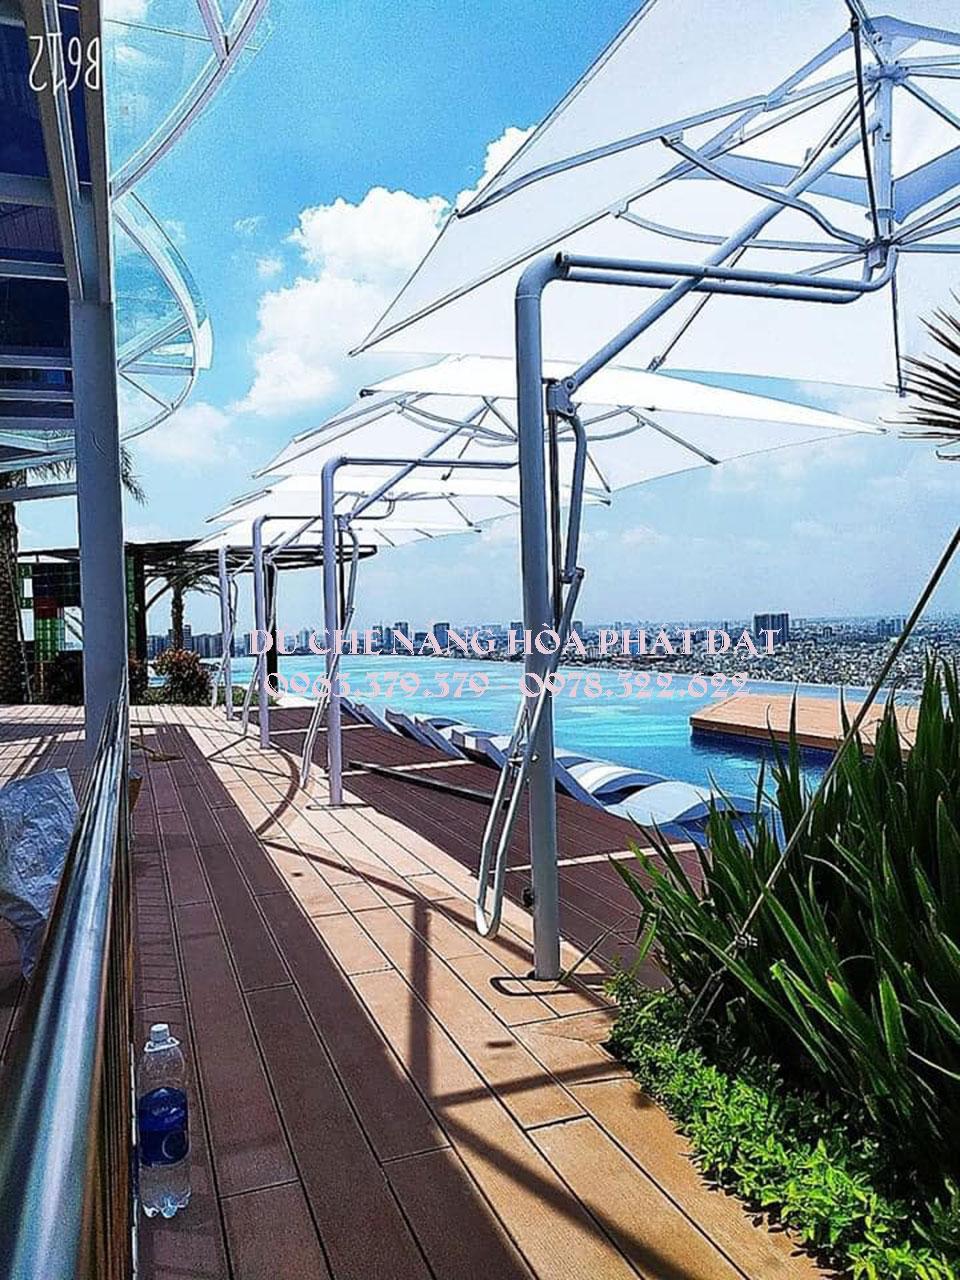 thiết-kế-dù-che-nắng-hồ-bơi